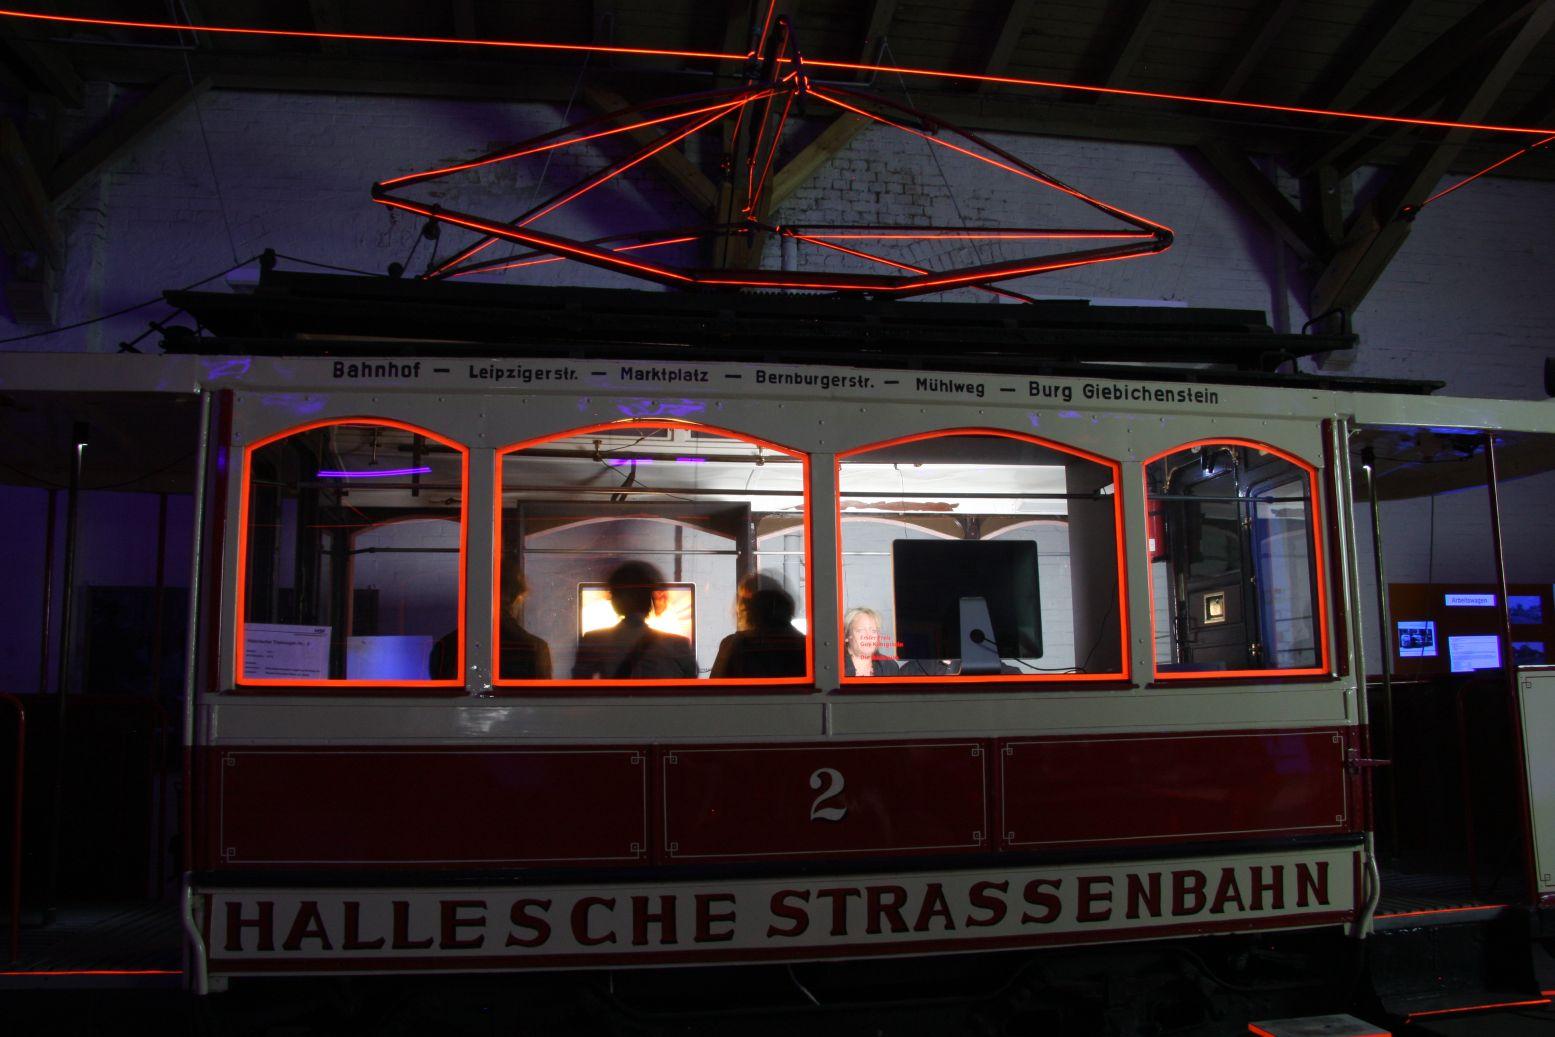 Designpreis Halle: All roads lead to Giebichenstein